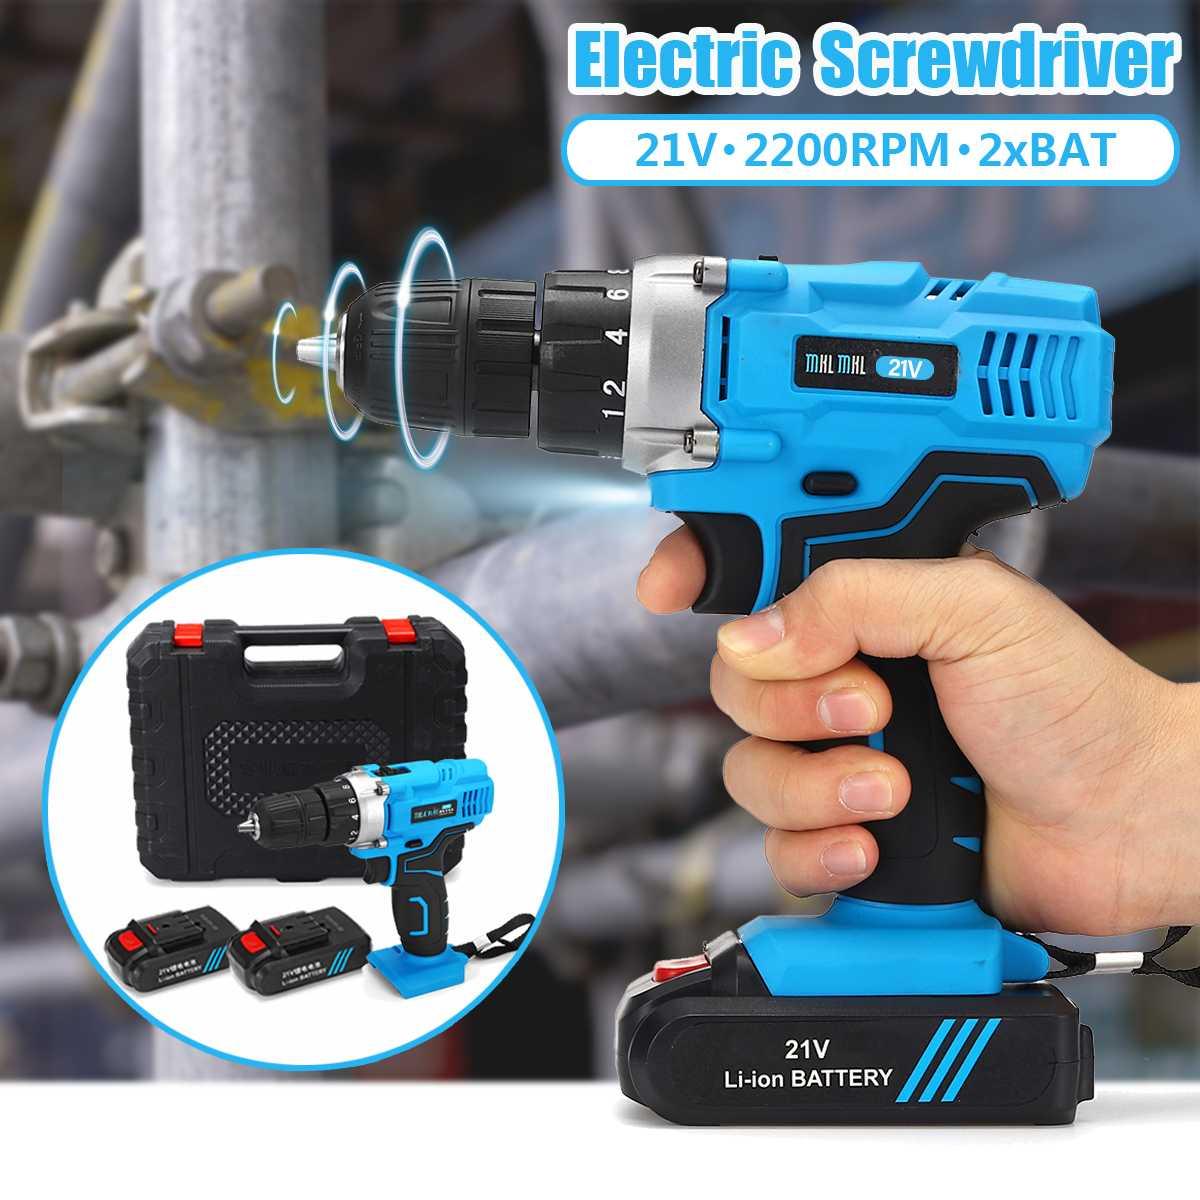 21 v 2200 rpm 2 velocidade chave de fenda elétrica kit 100-240 v com 2 baterias broca sem fio elétrica recarregável casa diy ferramenta elétrica